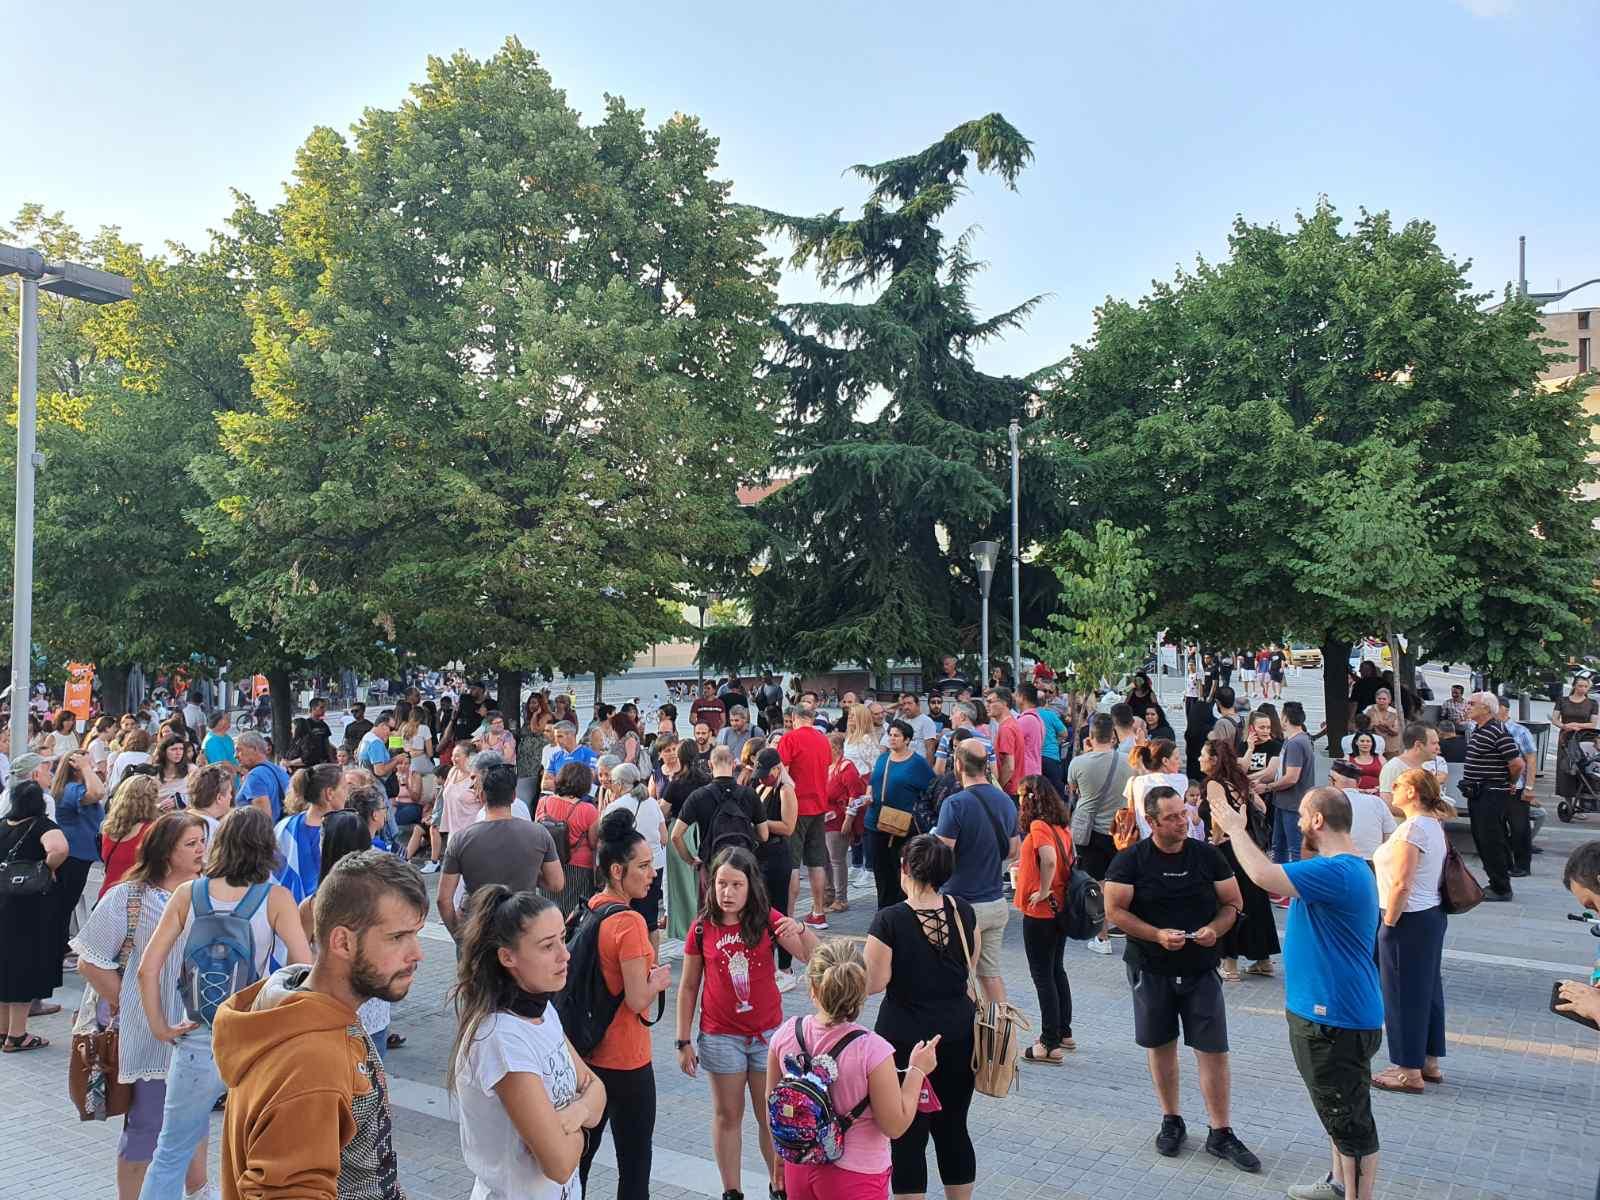 Kozan.gr: Ώρα 19:40: Κοζάνη: Συγκέντρωση διαμαρτυρίας για τον υποχρεωτικό εμβολιασμό (Φωτογραφίες & Βίντεο)